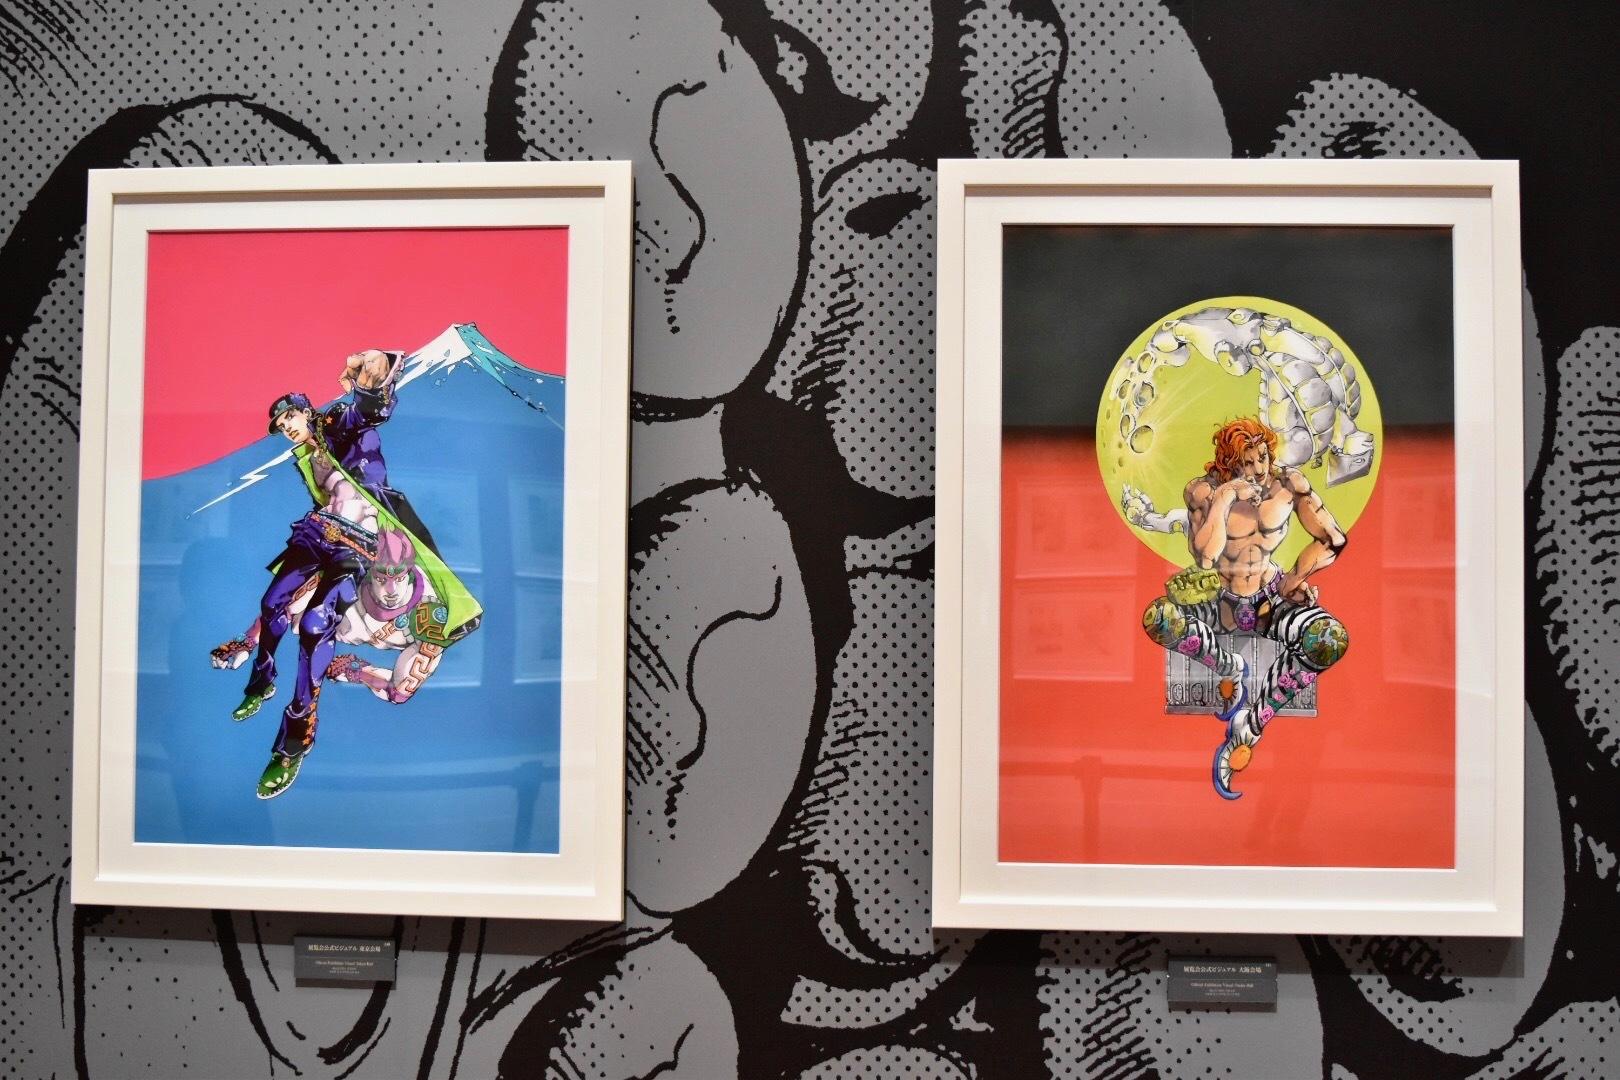 展覧会描きおろしキービジュアル(左:東京会場、右:大阪会場) (C) 荒木飛呂彦&LUCKY LAND COMMUNICATIONS/集英社